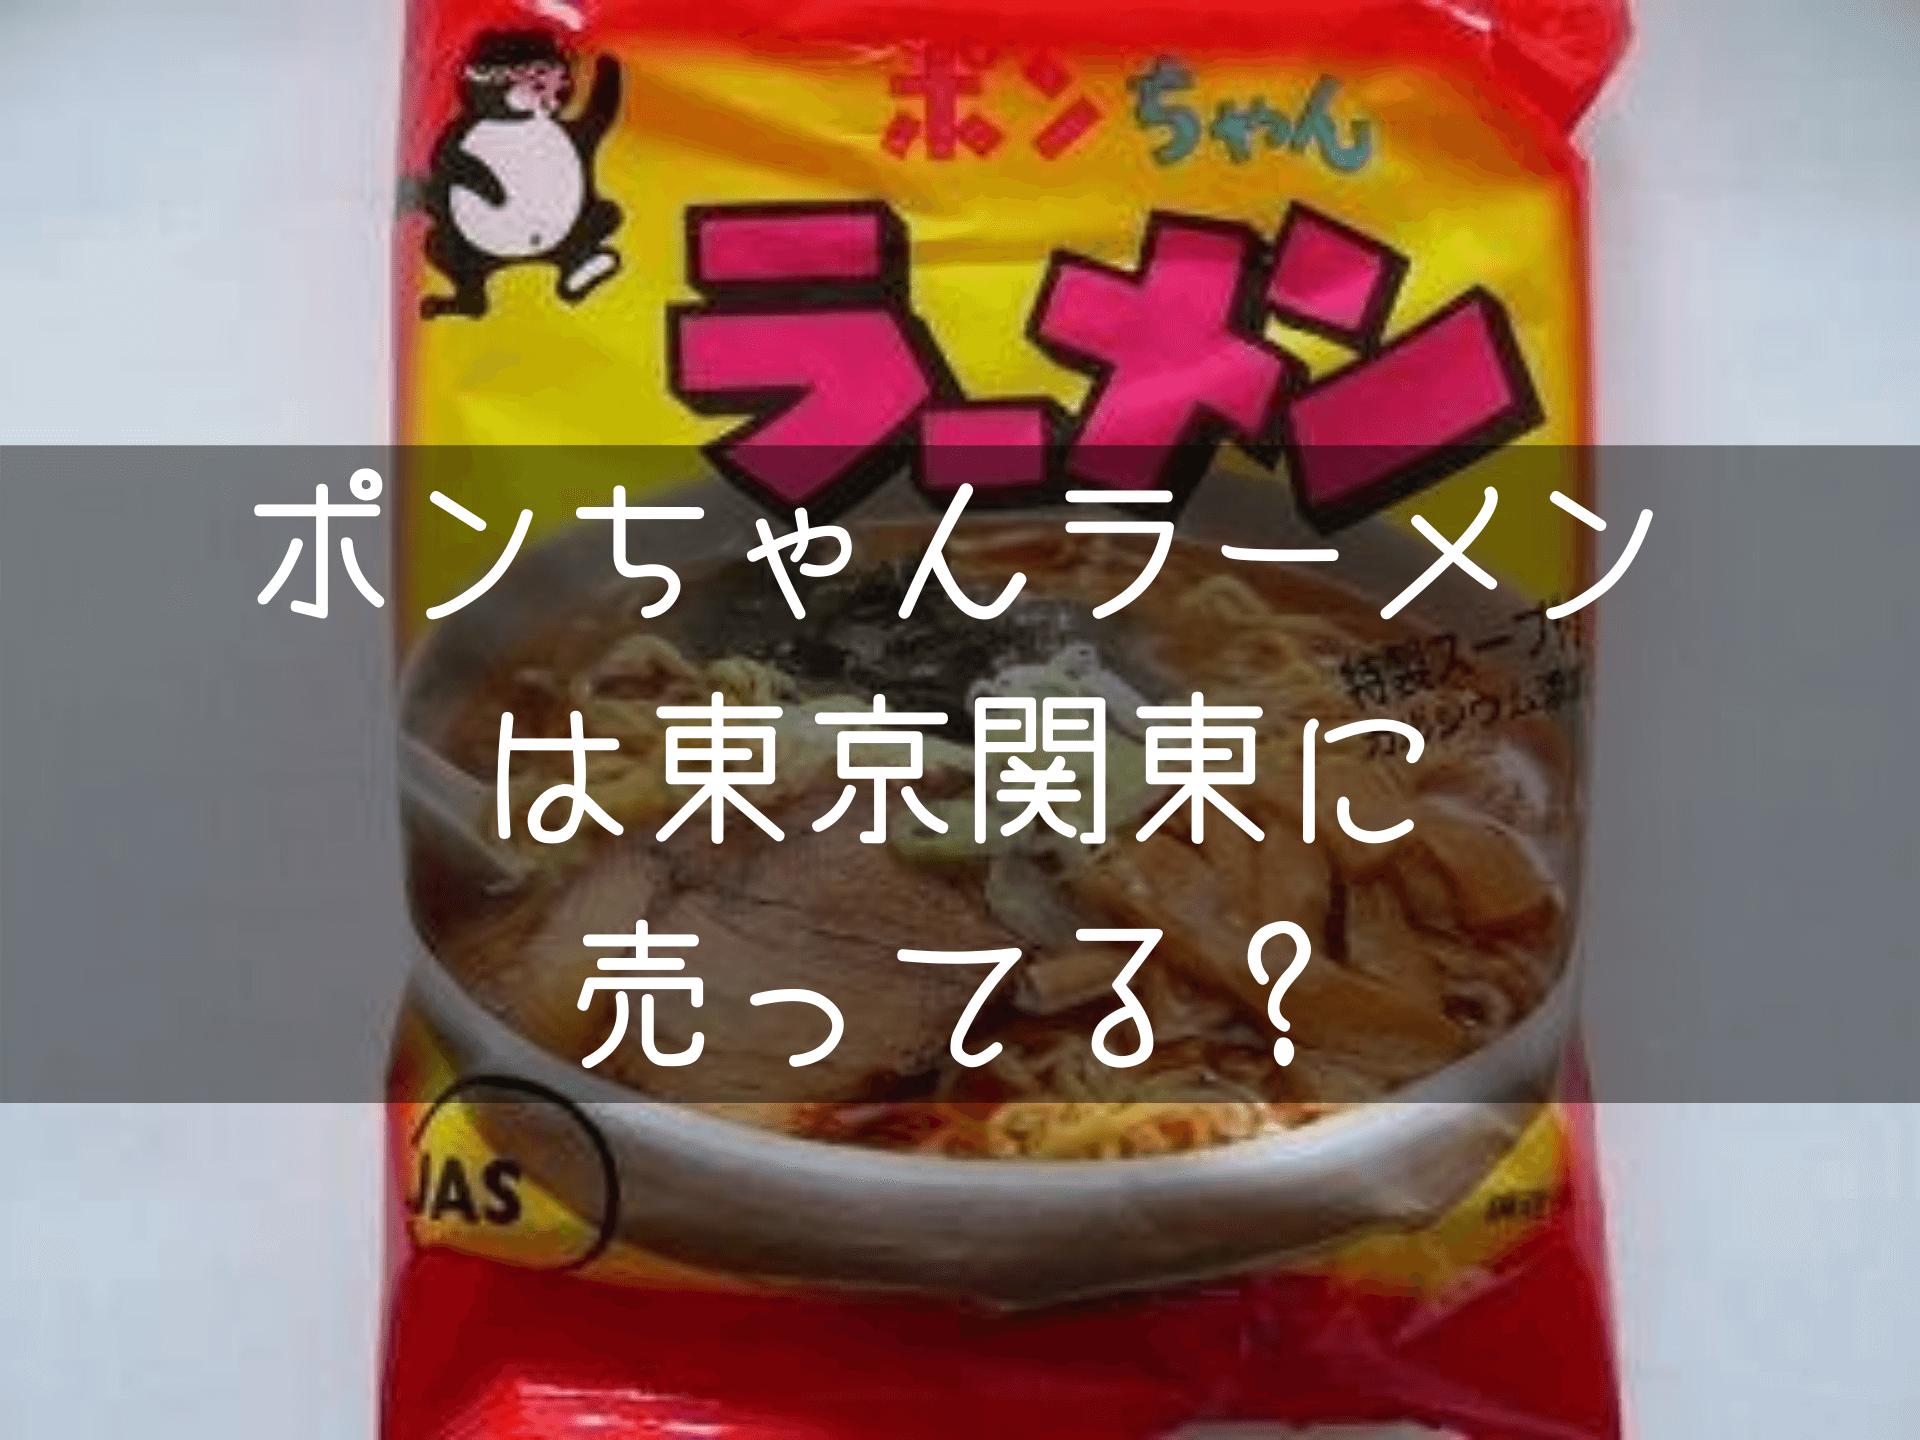 ポンちゃんラーメンは東京関東には売ってる?ネット通販もあり